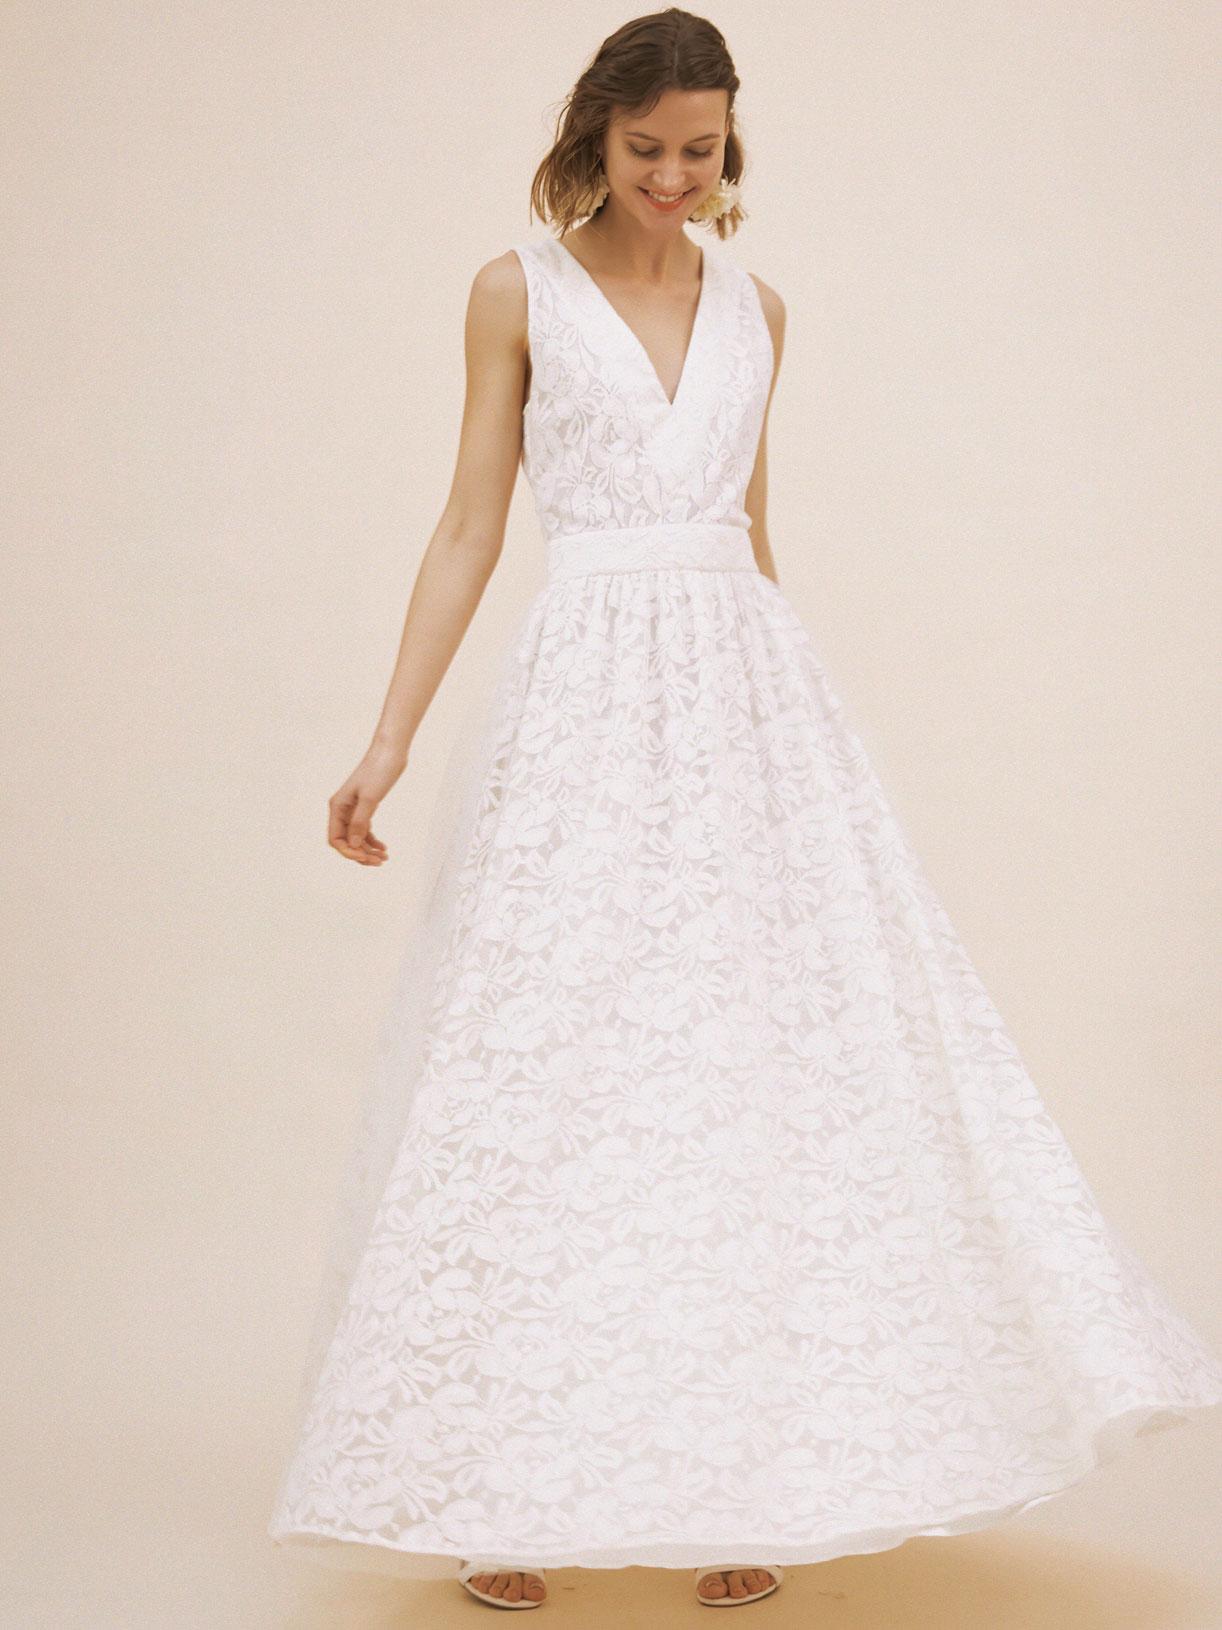 Robe de mariée pin up retro en dentelle écoresponsable - Creatrice de robe de mariée éthique et bio a Paris - Myphilosophy